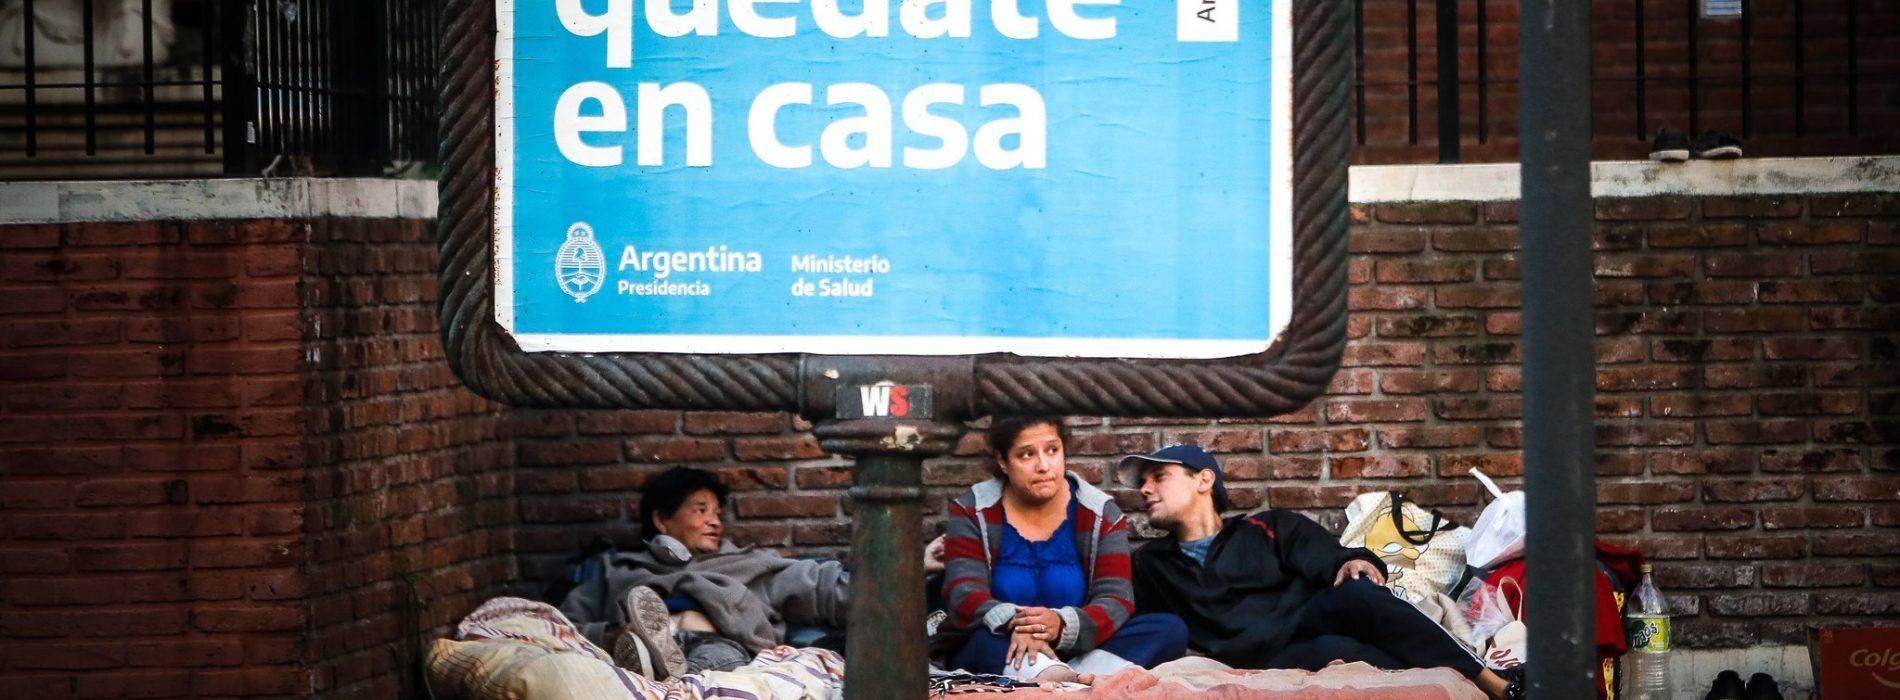 La urgente modernización del Mercosur – Nicolás Albertoni